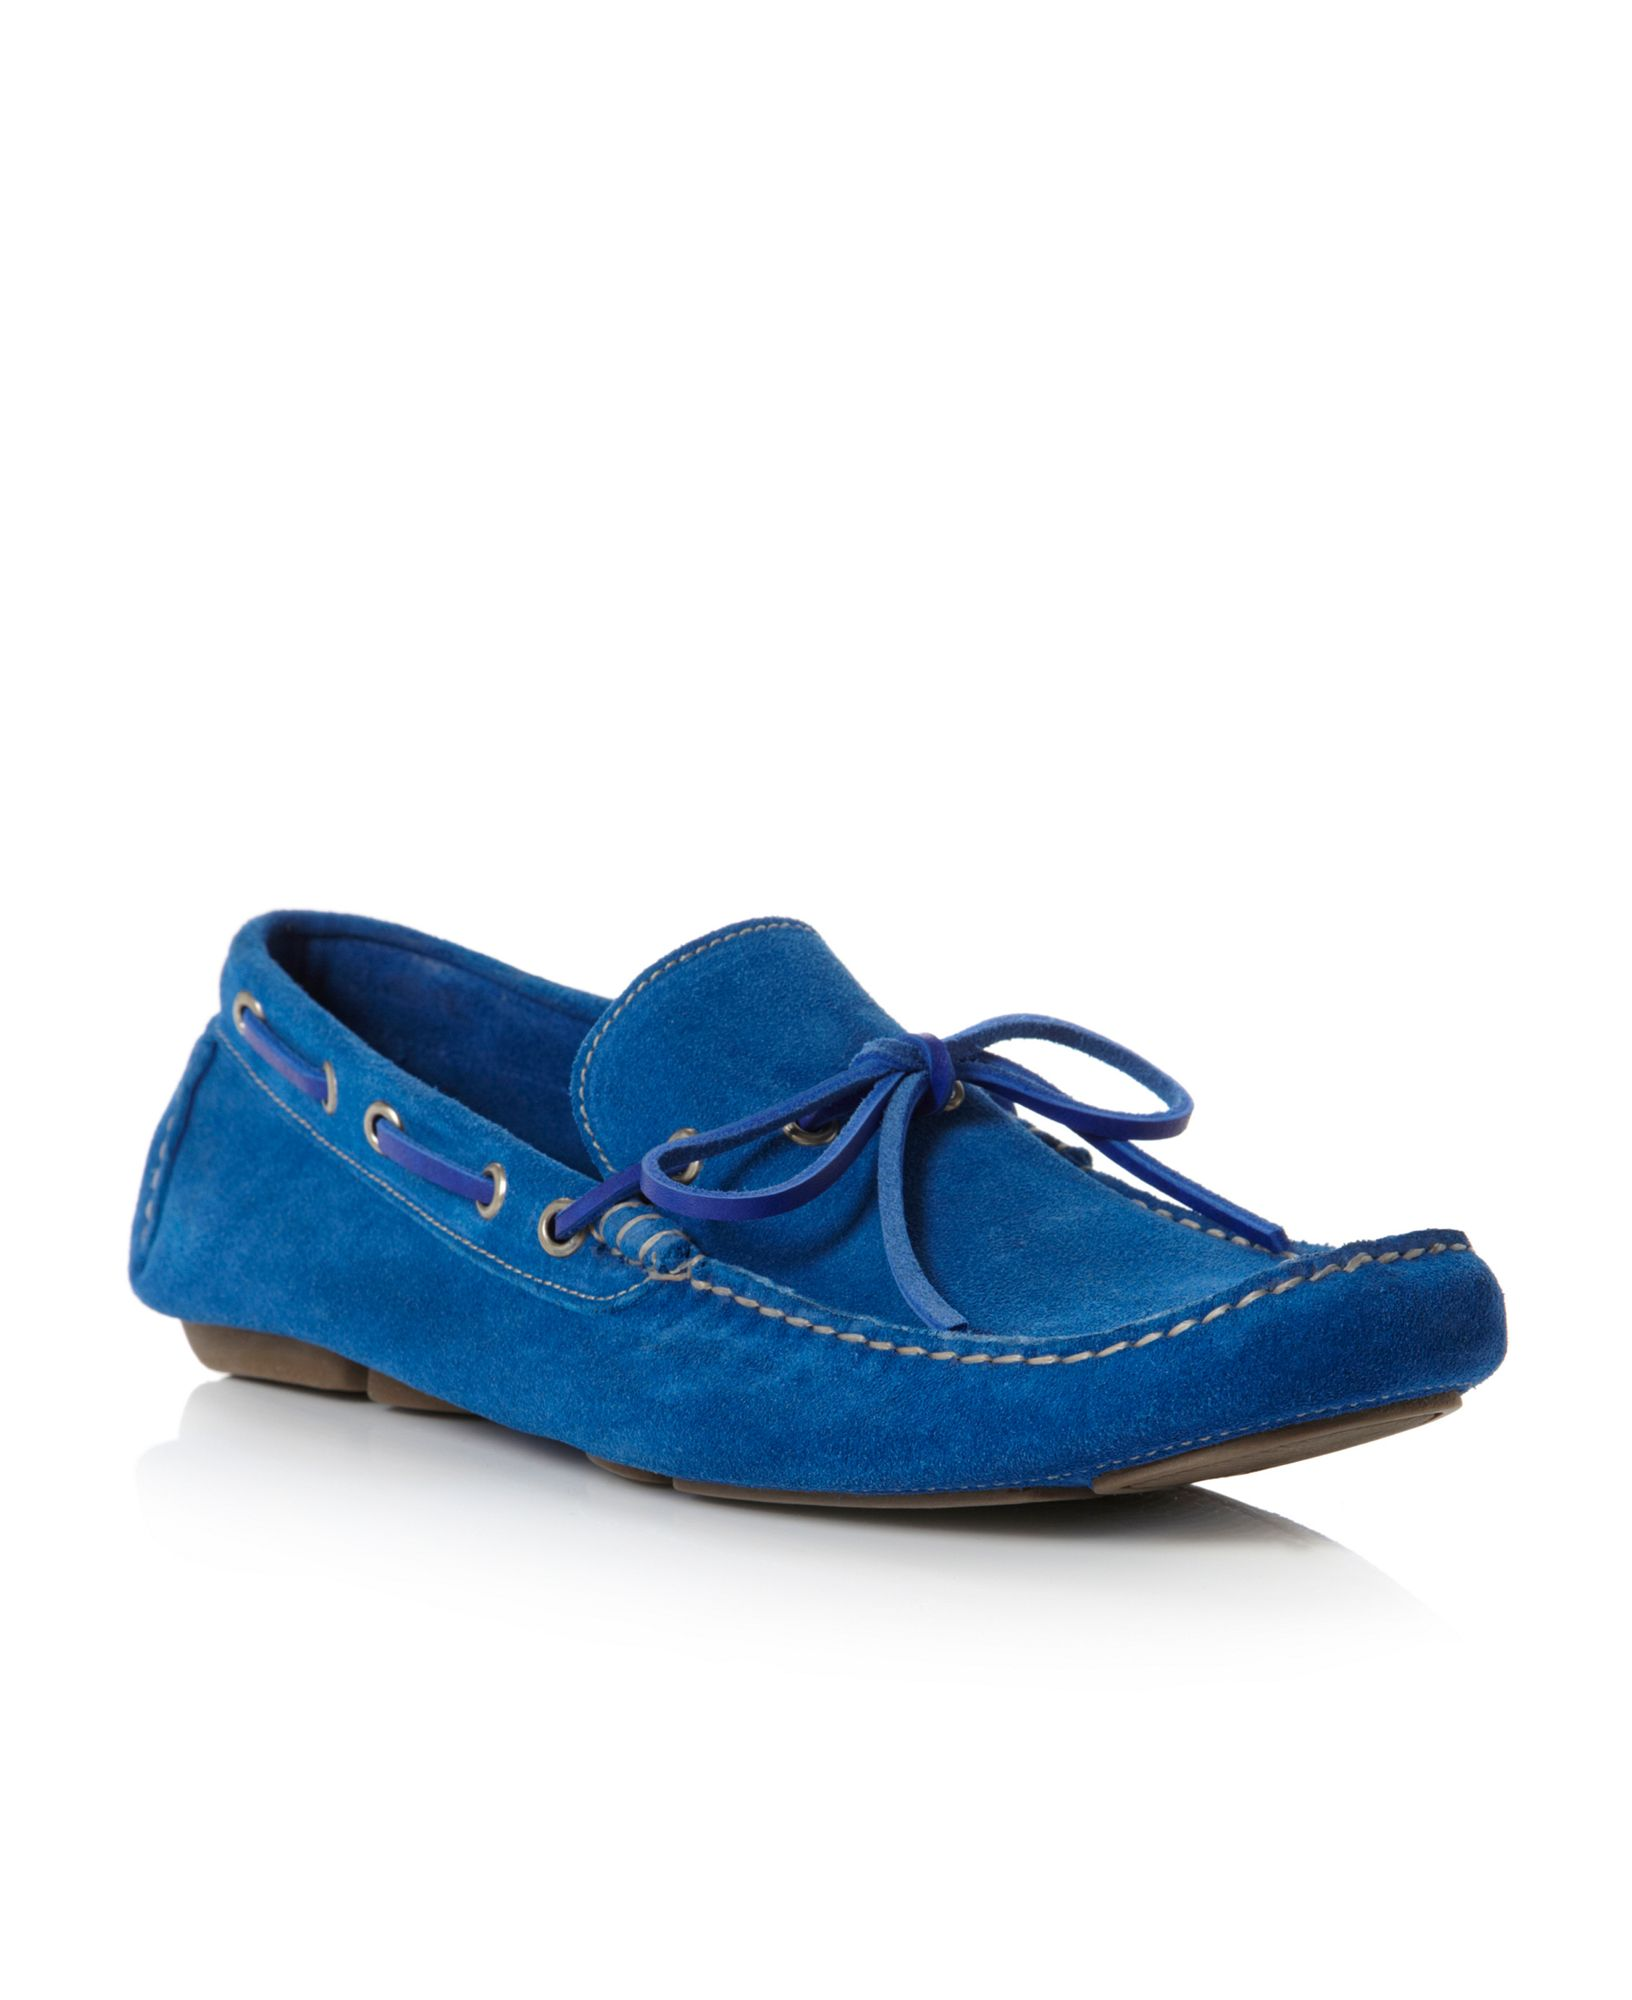 Sam Edelman Allen Espadrille Slip On Shoes